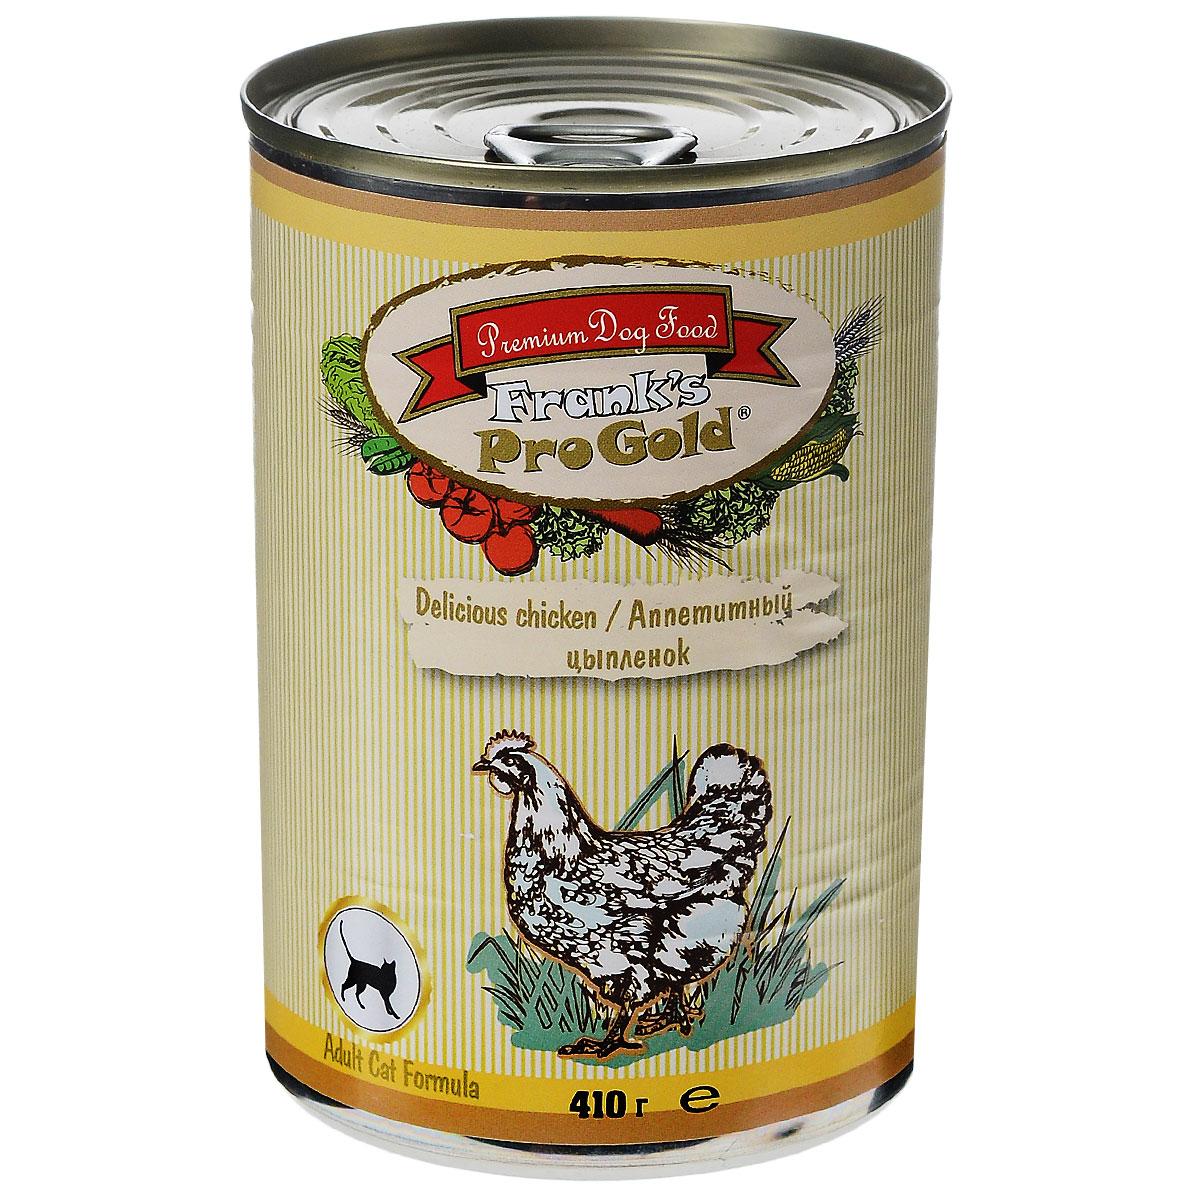 Консервы для кошек Franks ProGold, с цыпленком, 410 г102104008Консервы для кошек Franks ProGold - полнорационный продукт, содержащий все необходимые витамины и минералы, сбалансированный для поддержания оптимального здоровья вашего питомца! Ваш любимец, безусловно, оценит нежнейшие кусочки мяса в желе! Произведенные из натуральных ингредиентов, консервы Franks Pro Gold не содержат ГМО, сою, искусственных красителей, консервантов и усилителей вкуса. Состав: мясо и его производные, курица, злаки, витамины и минералы. Пищевая ценность: белки 6%, жиры 4,5%, клетчатка 0,5%, зола 2%, влажность 81%. Добавки: витамин A 1600 IU, витамин D 140 IU, витамин E 10 IU, таурин 300 мг/кг, железо 24 мг/кг, марганец 6 мг/кг, цинк 15 мг/кг, медь 1 мг/кг, магний 200 мг/кг, йодин 0,3 мг/кг, селен 0,2 мг/кг. Калорийность: 393,6 ккал. Товар сертифицирован.